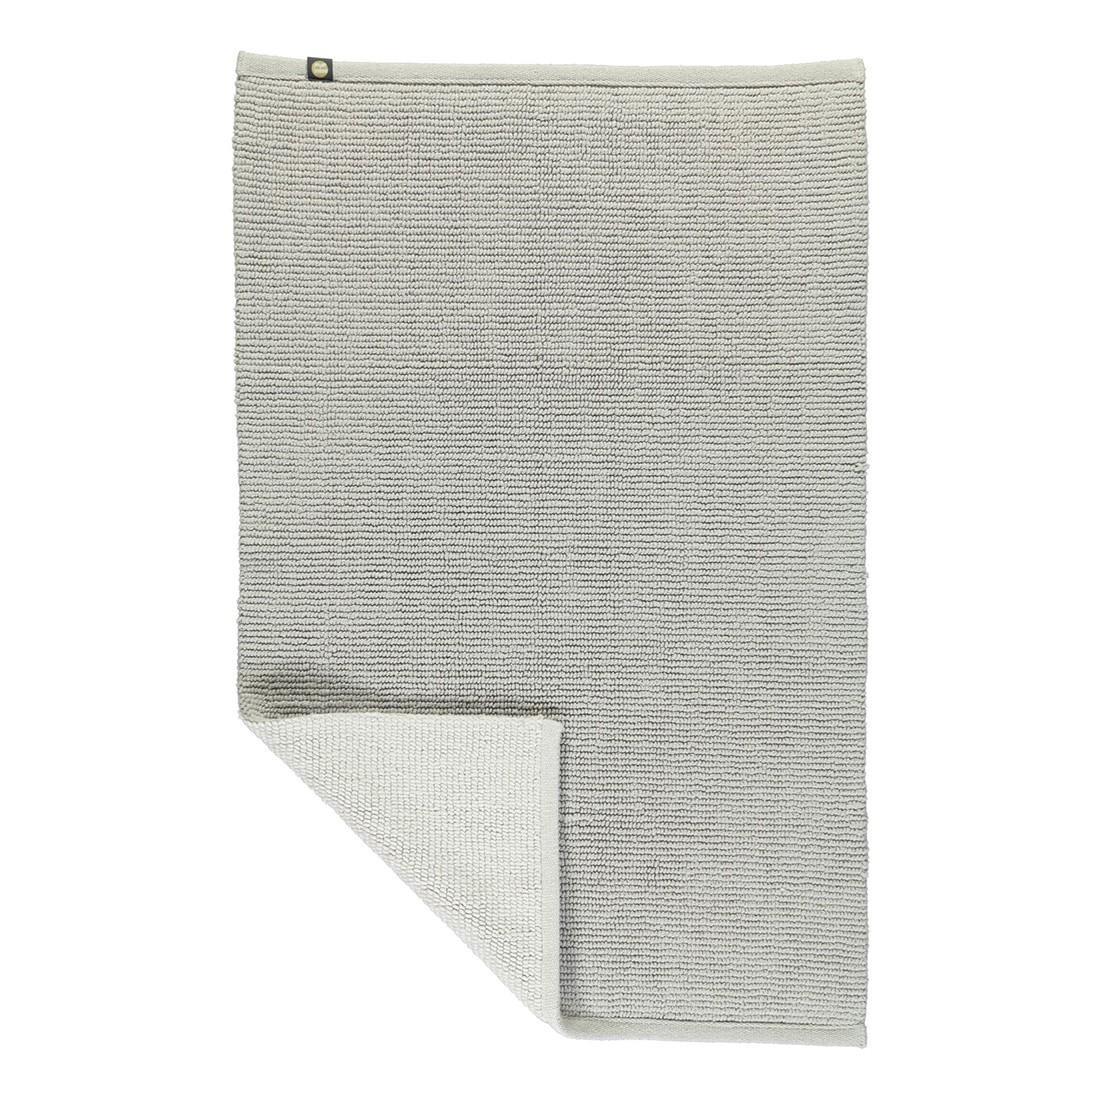 Badteppich Double – 100% Baumwolle perlGrau/Weiß – 1156 – Abmessungen: 60 x 120 cm, Rhomtuft bestellen